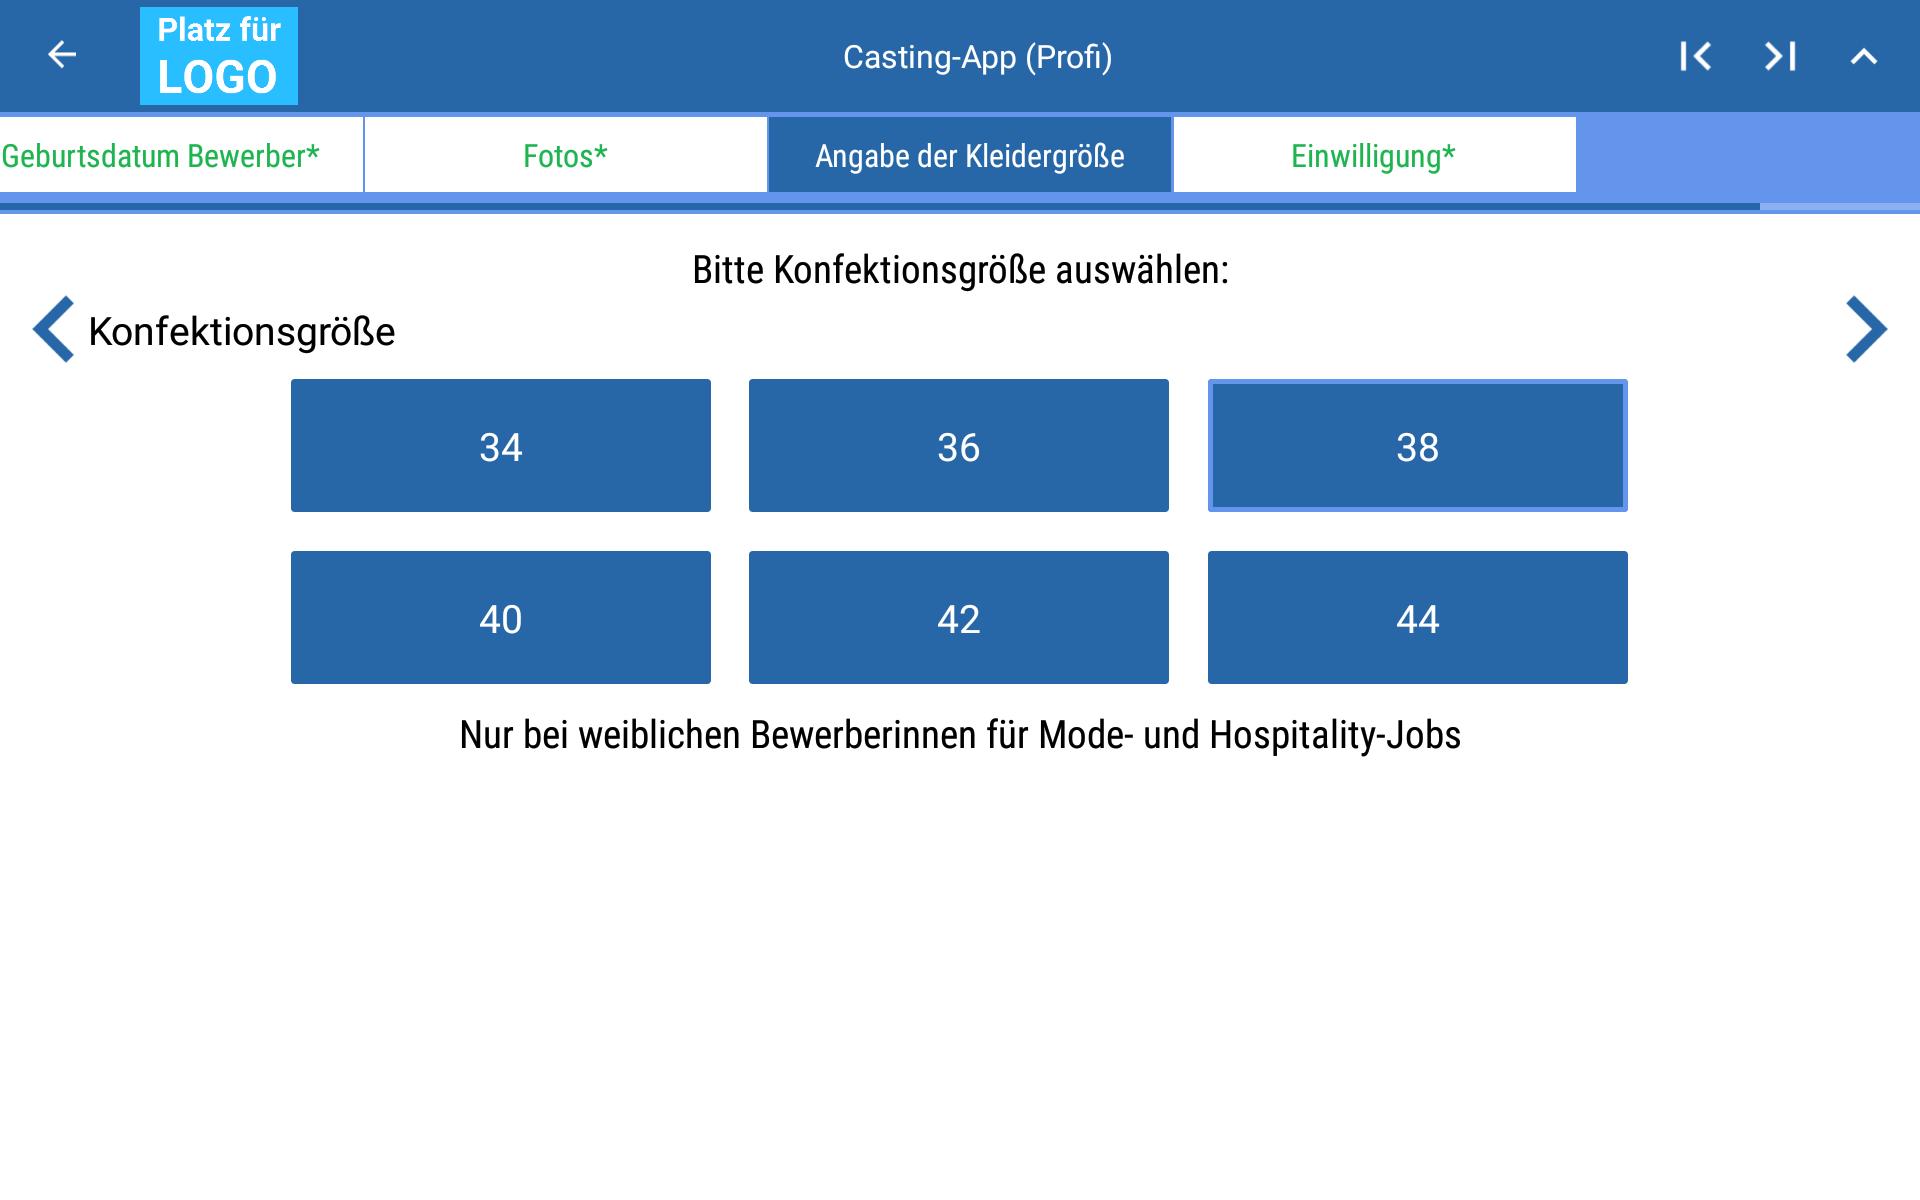 Abfrage Konfektionsgröße in Beispiel Casting-App (Profisicht)